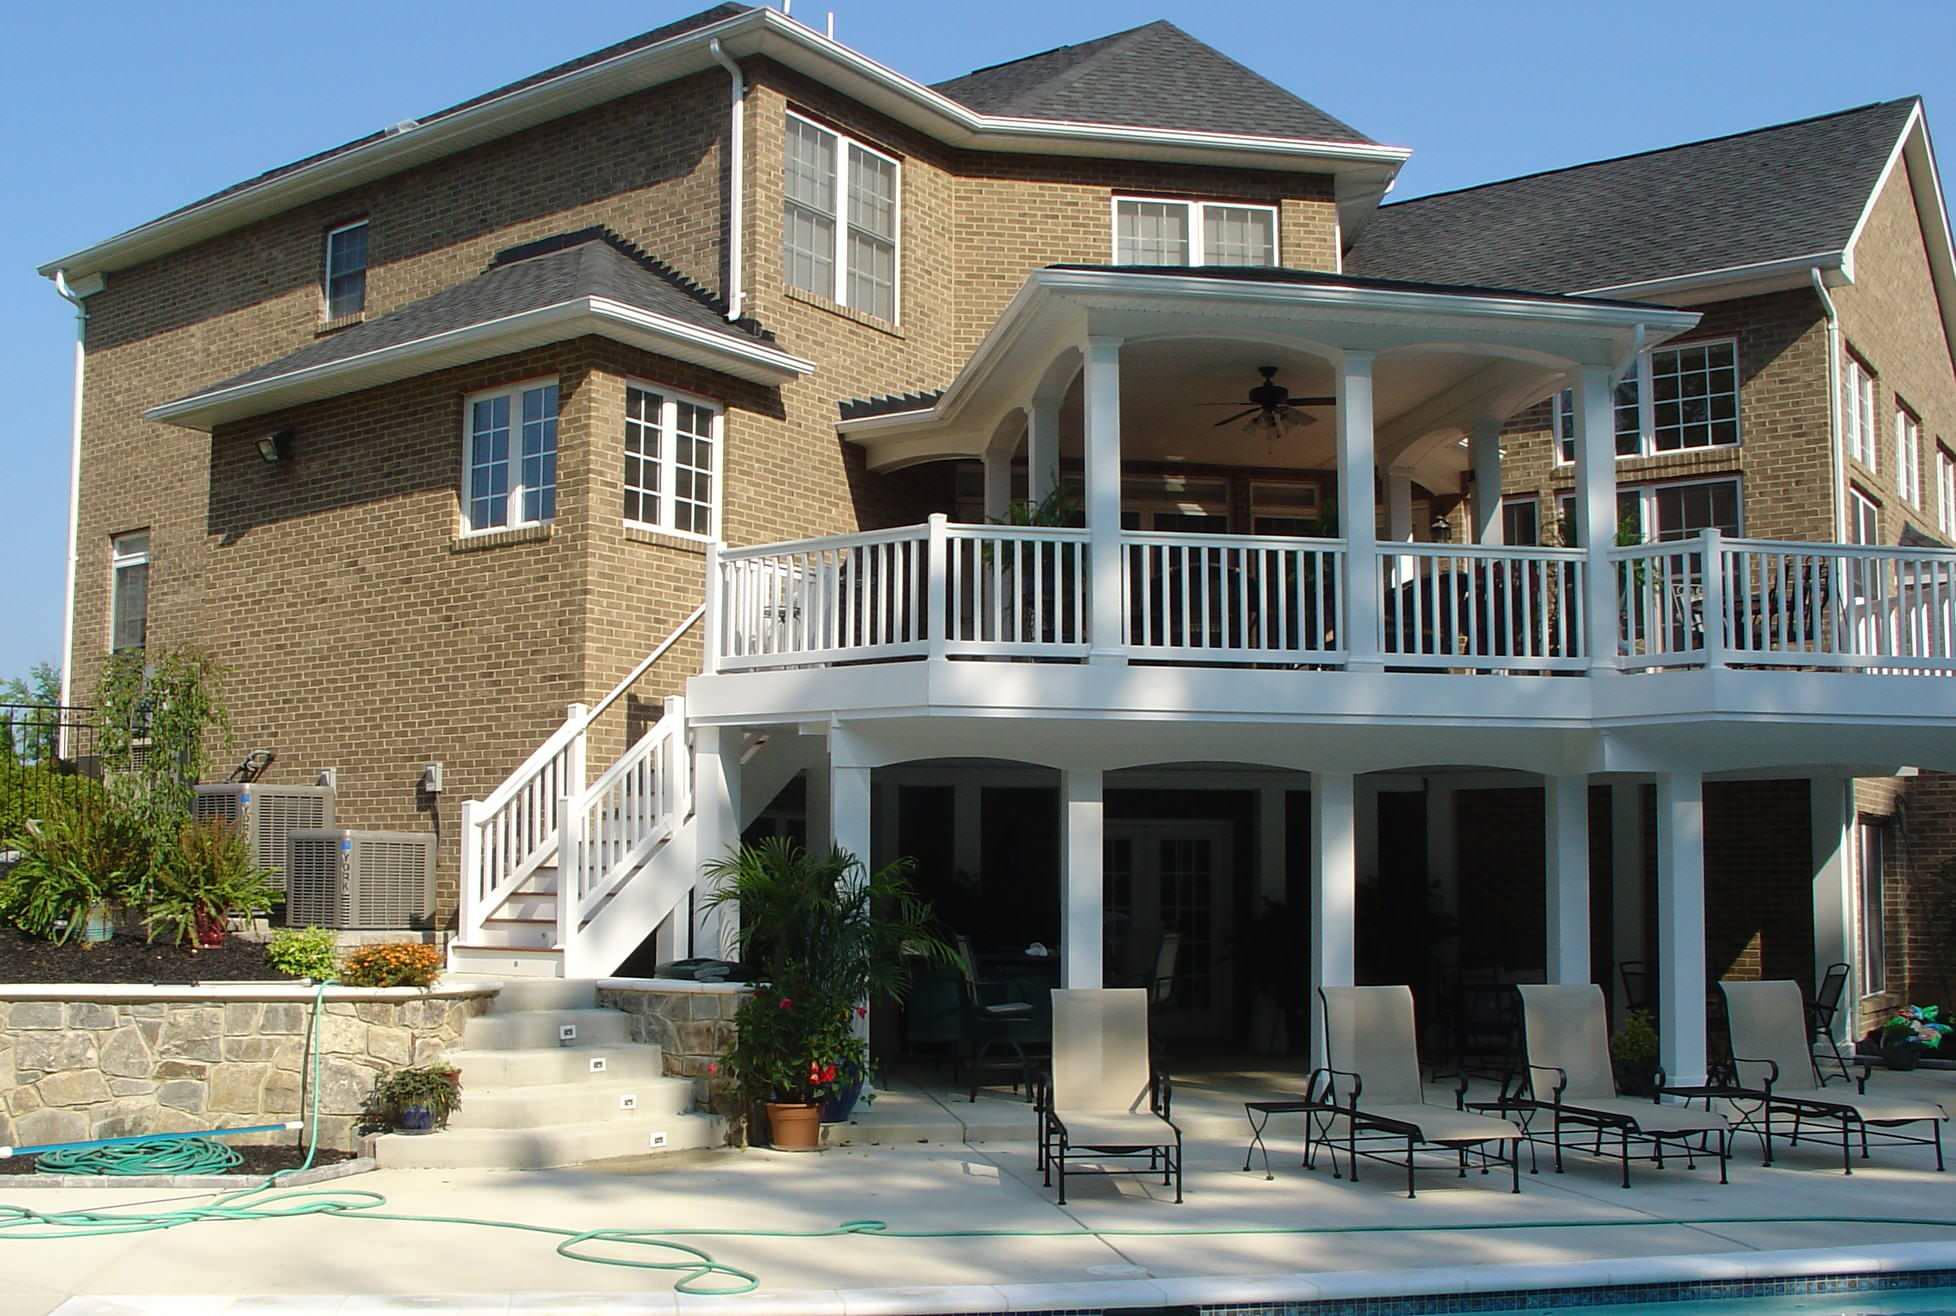 Barnes Residence